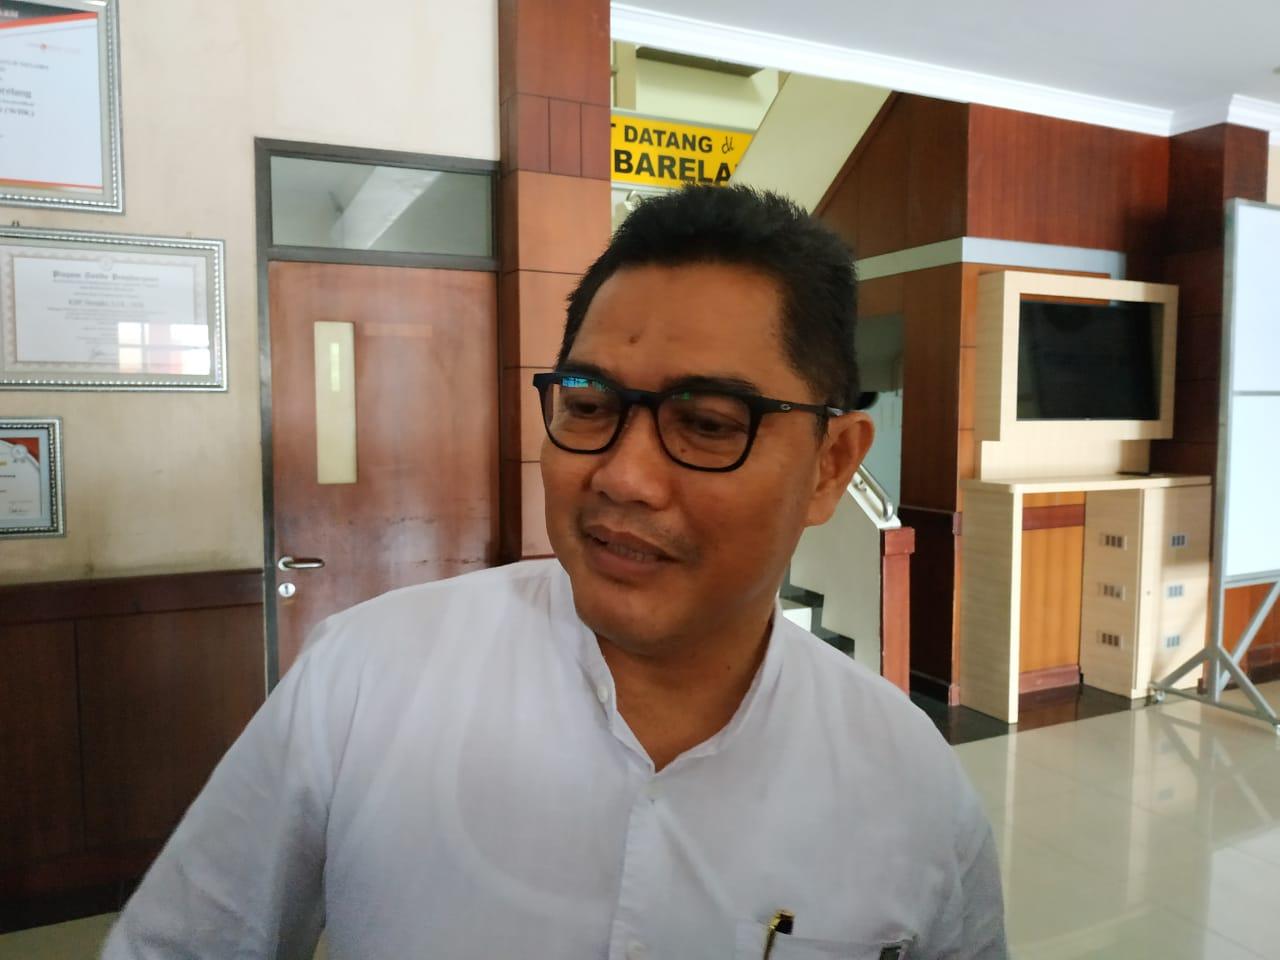 Kepala Biro Hukum Setdaprov Kepri, Heri Moekhrizal saat akan diperiksan oleh KPK-f/masrun-hariankepri.com